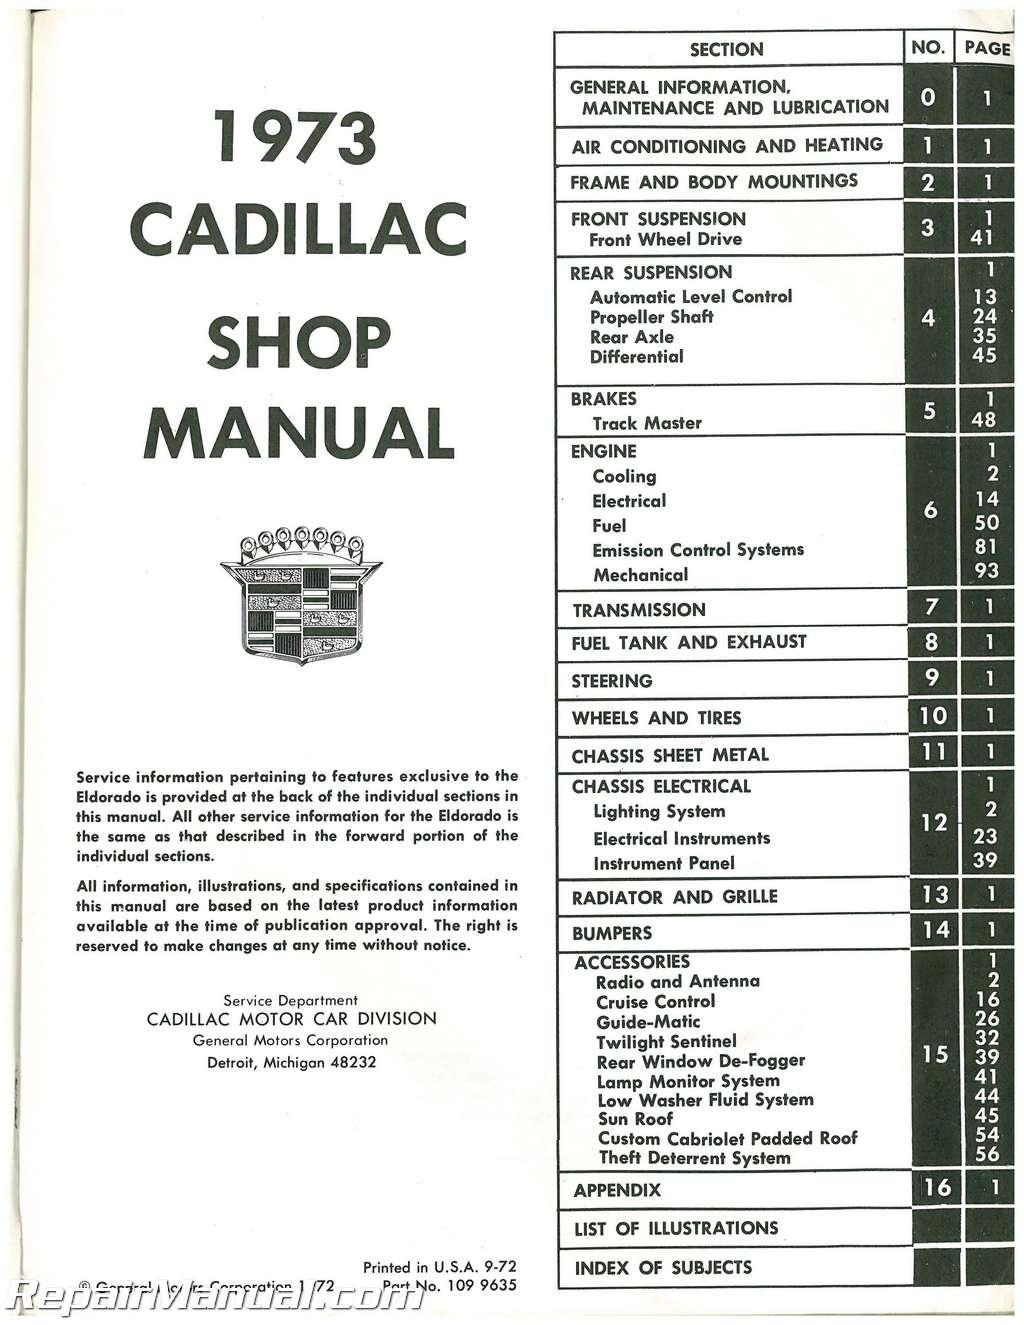 Used 1973 Cadillac Automobile Service Manual